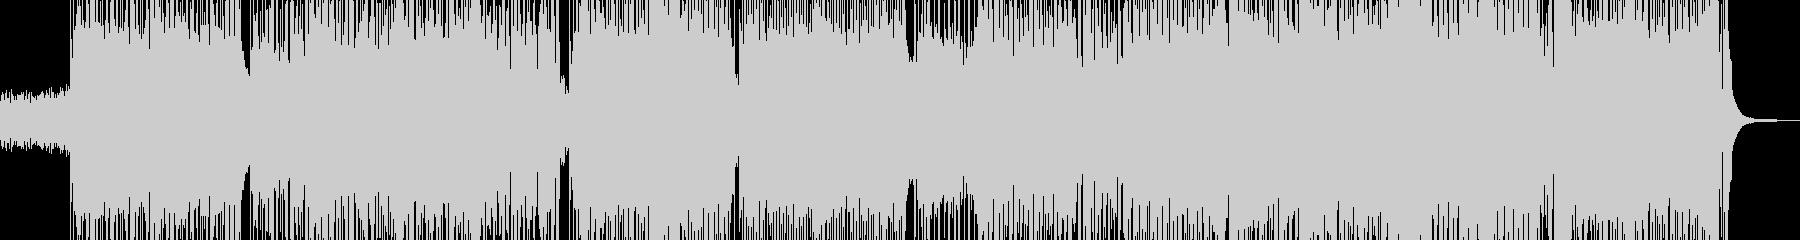 和楽器をコミカルに取り入れた和ロックの未再生の波形